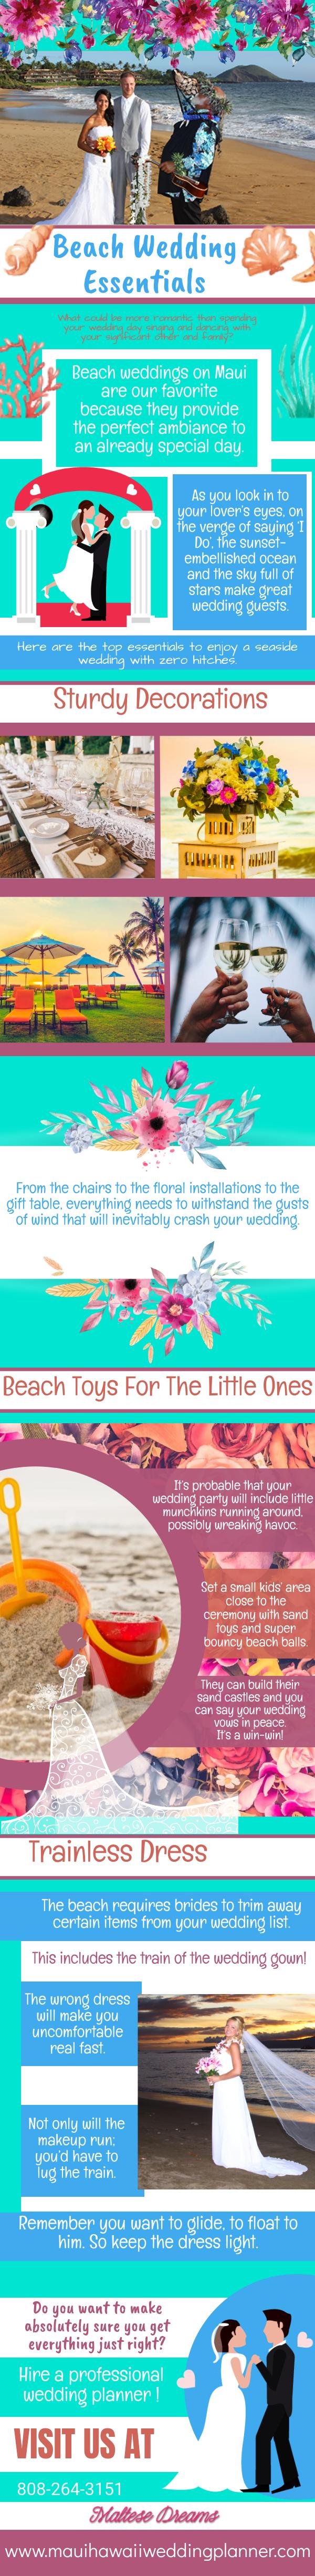 beach wedding esssentials infograph